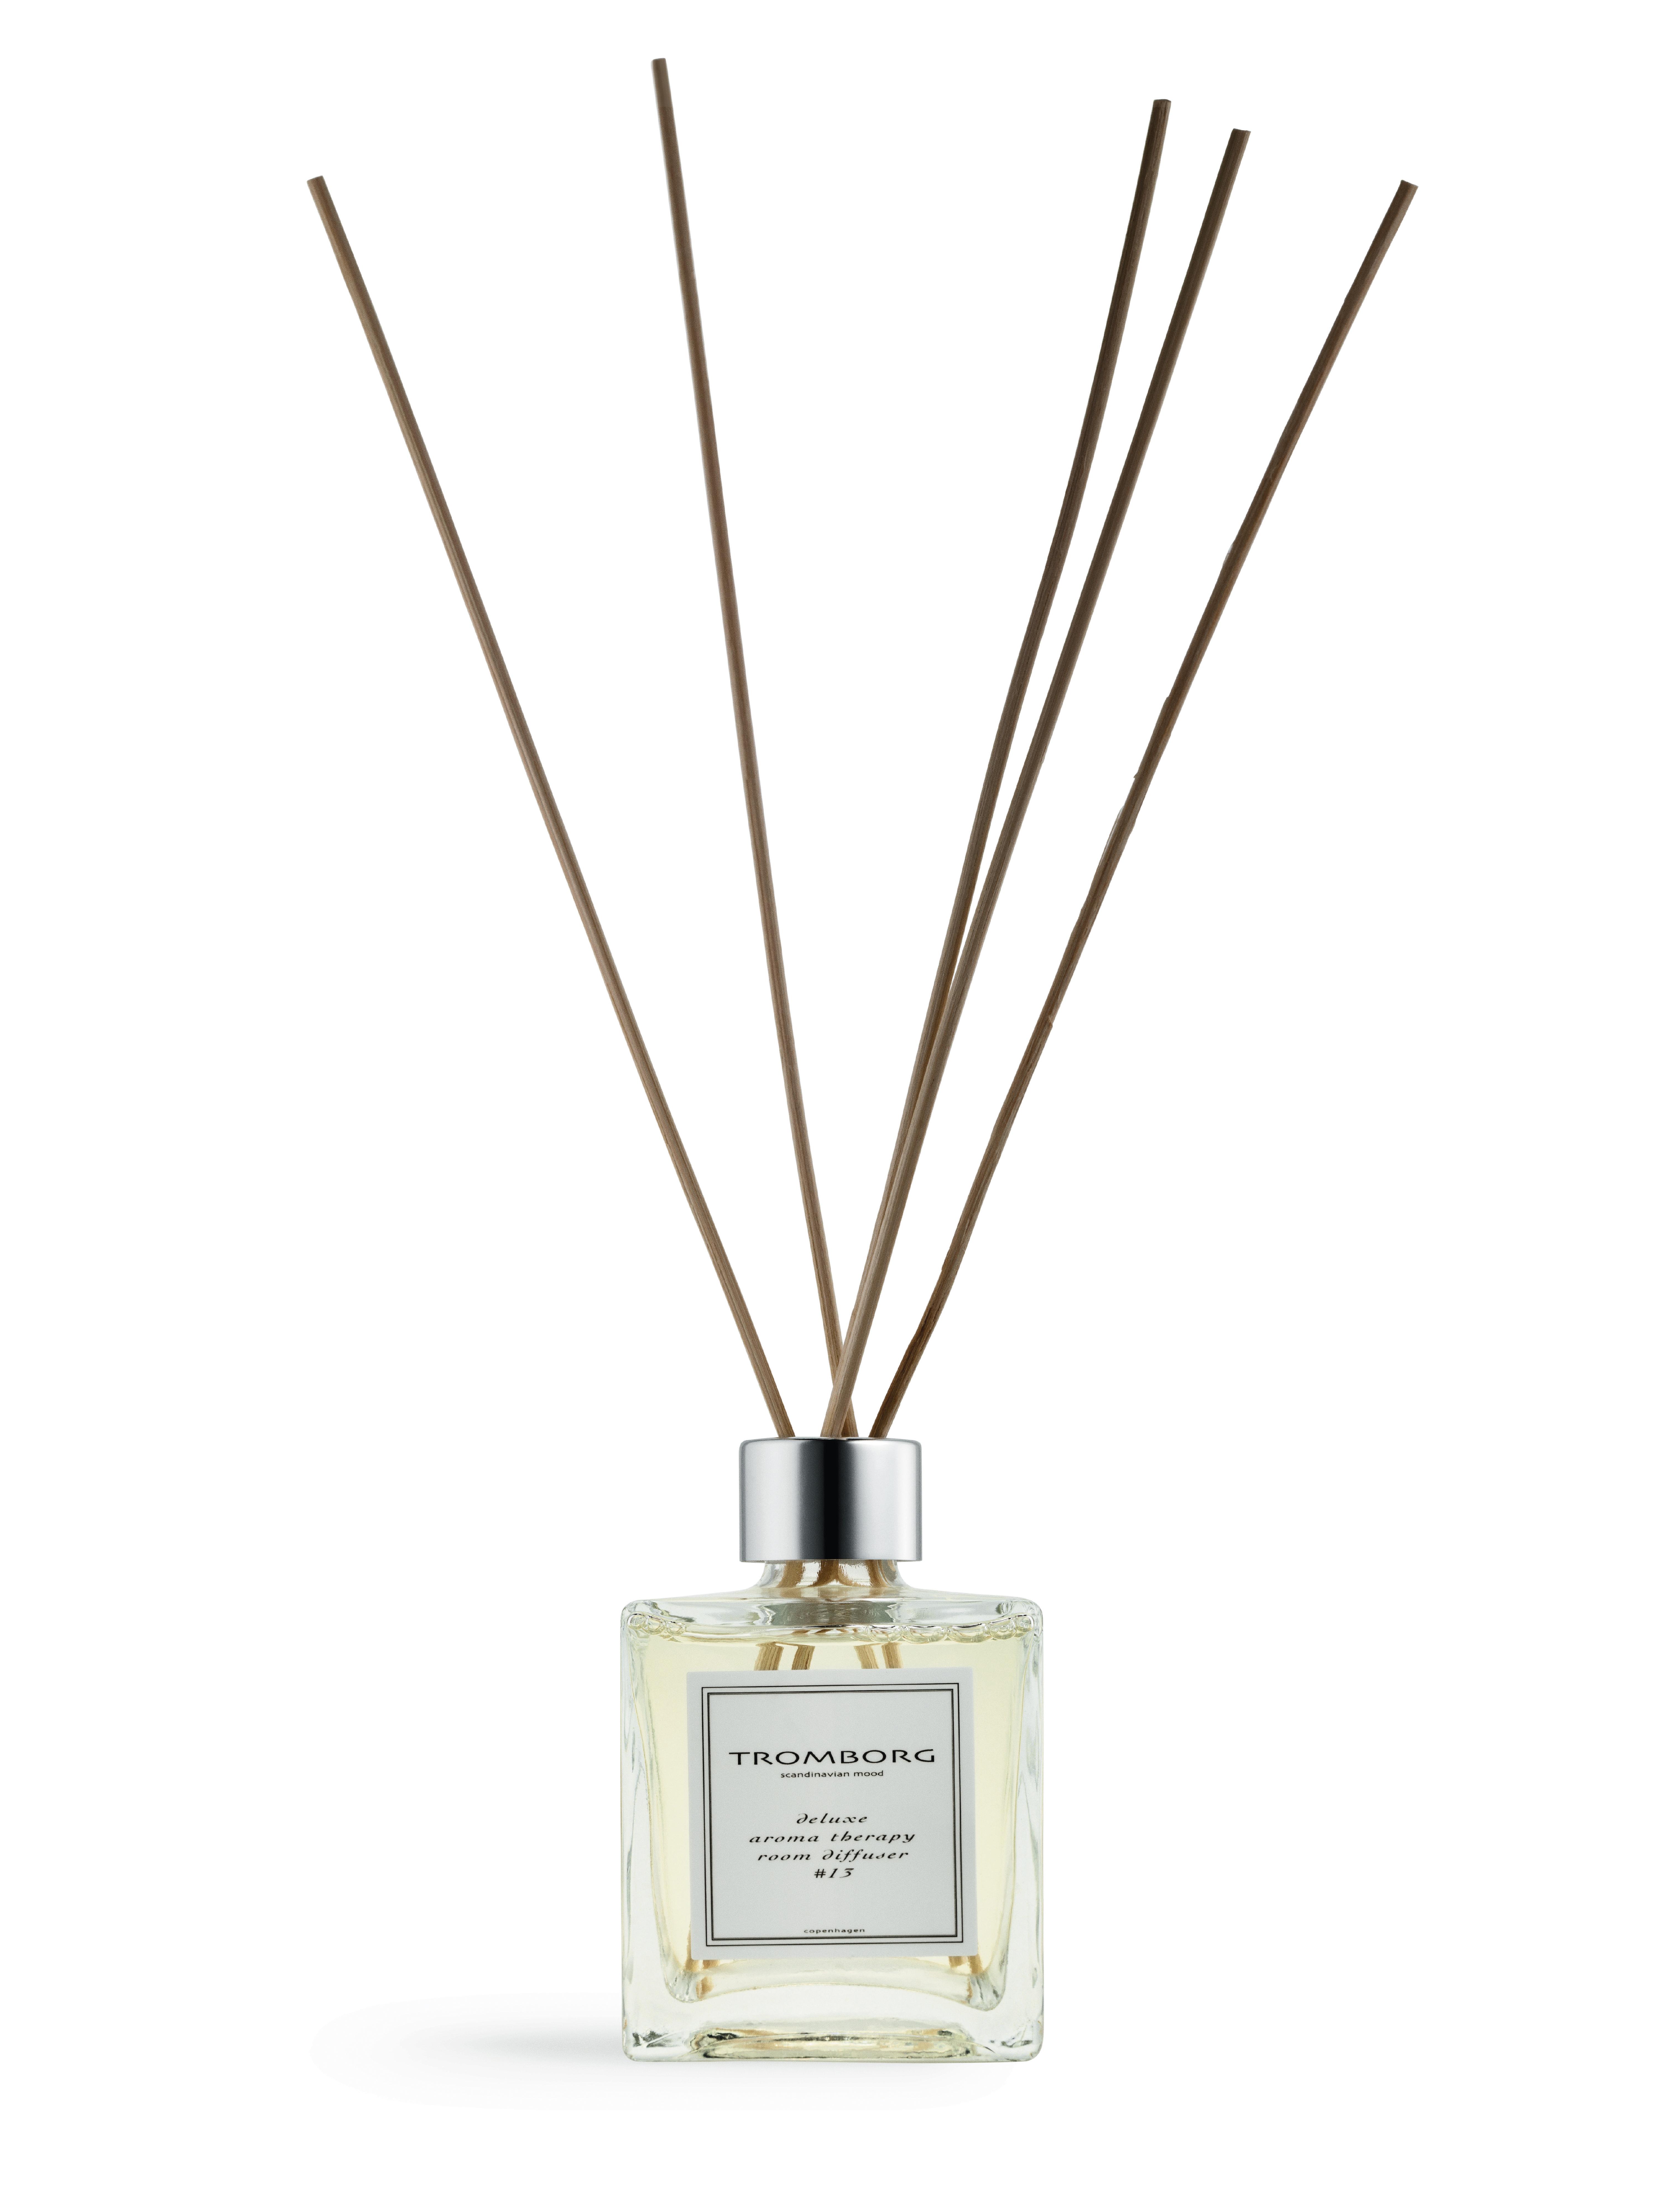 Tromborg Aroma Therapy Room Diffuser no 13, 100 ml